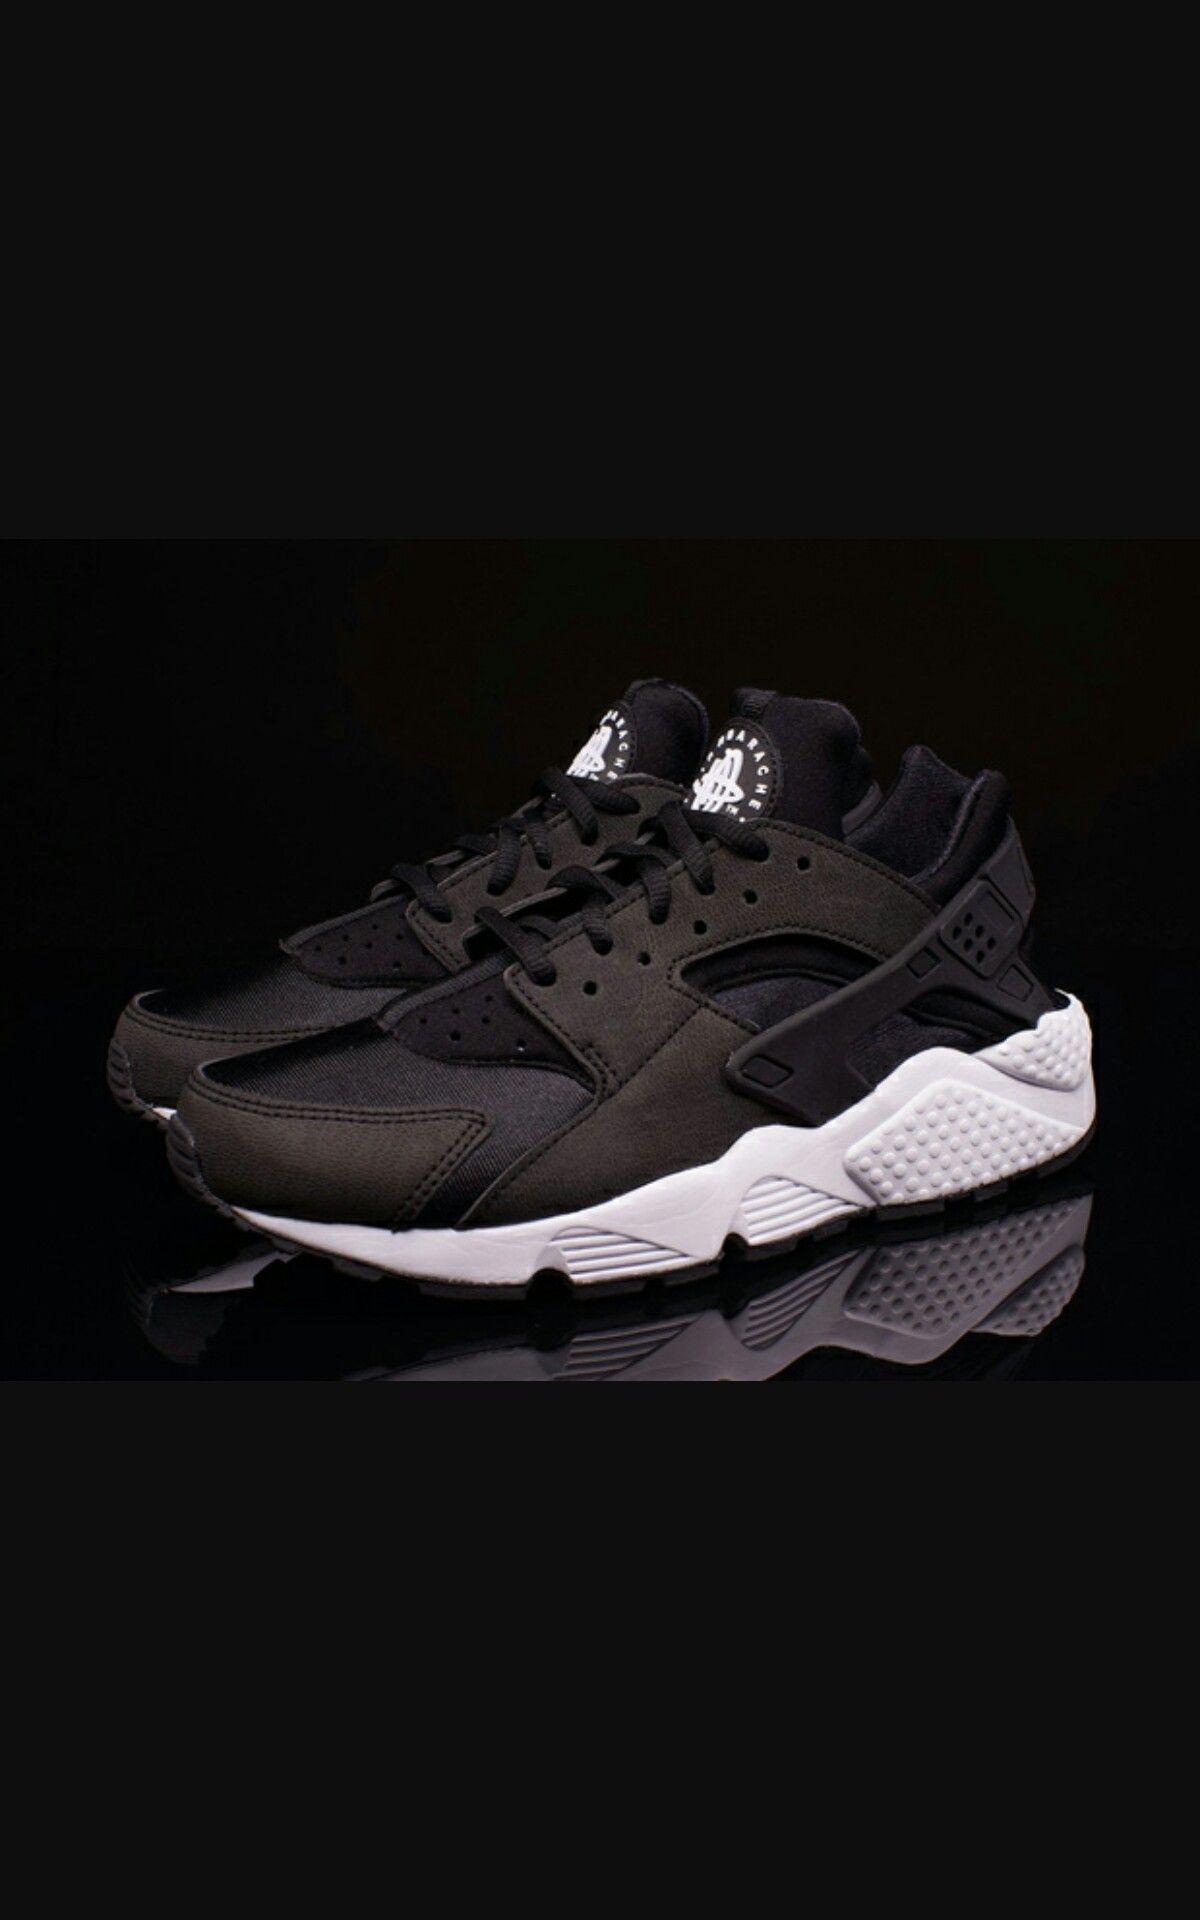 revendeur 70f01 9b03b Nike air huarach run noir et blanche | am in 2019 | Black ...